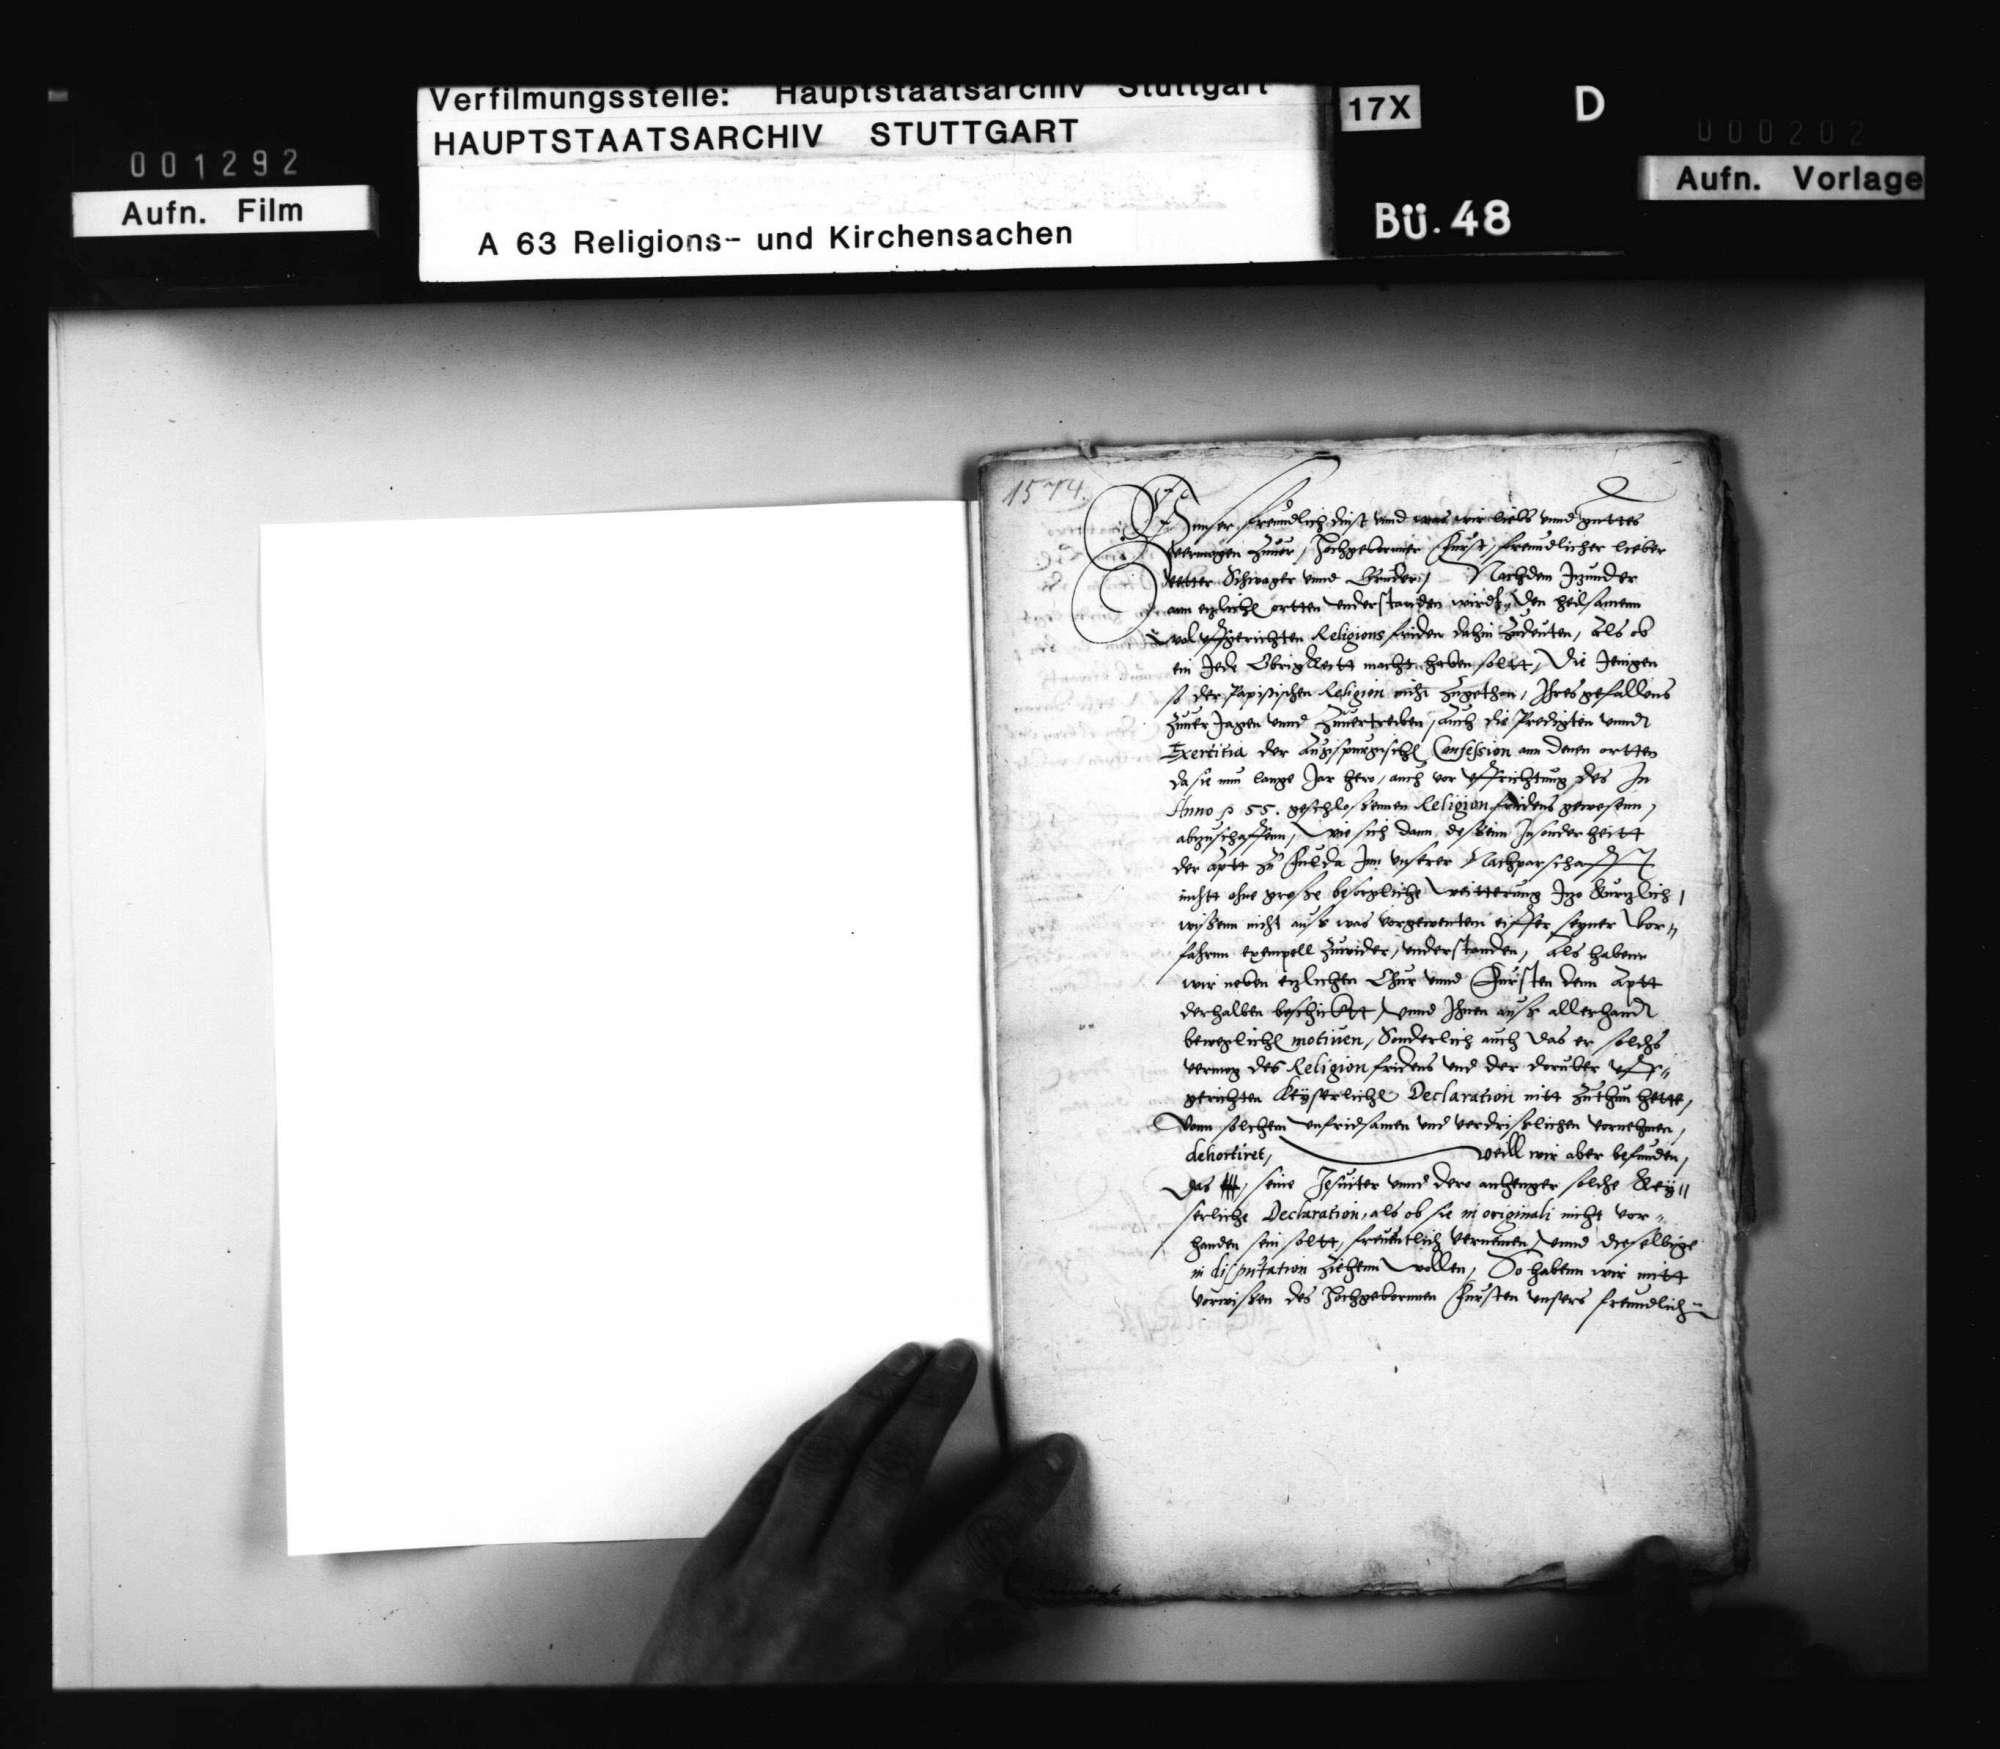 Schreiben Landgraf Wilhelms an Herzog Ludwig, betreffend die Auslegung des Augsburger Religionsfriedens, nebst Antwort., Bild 1